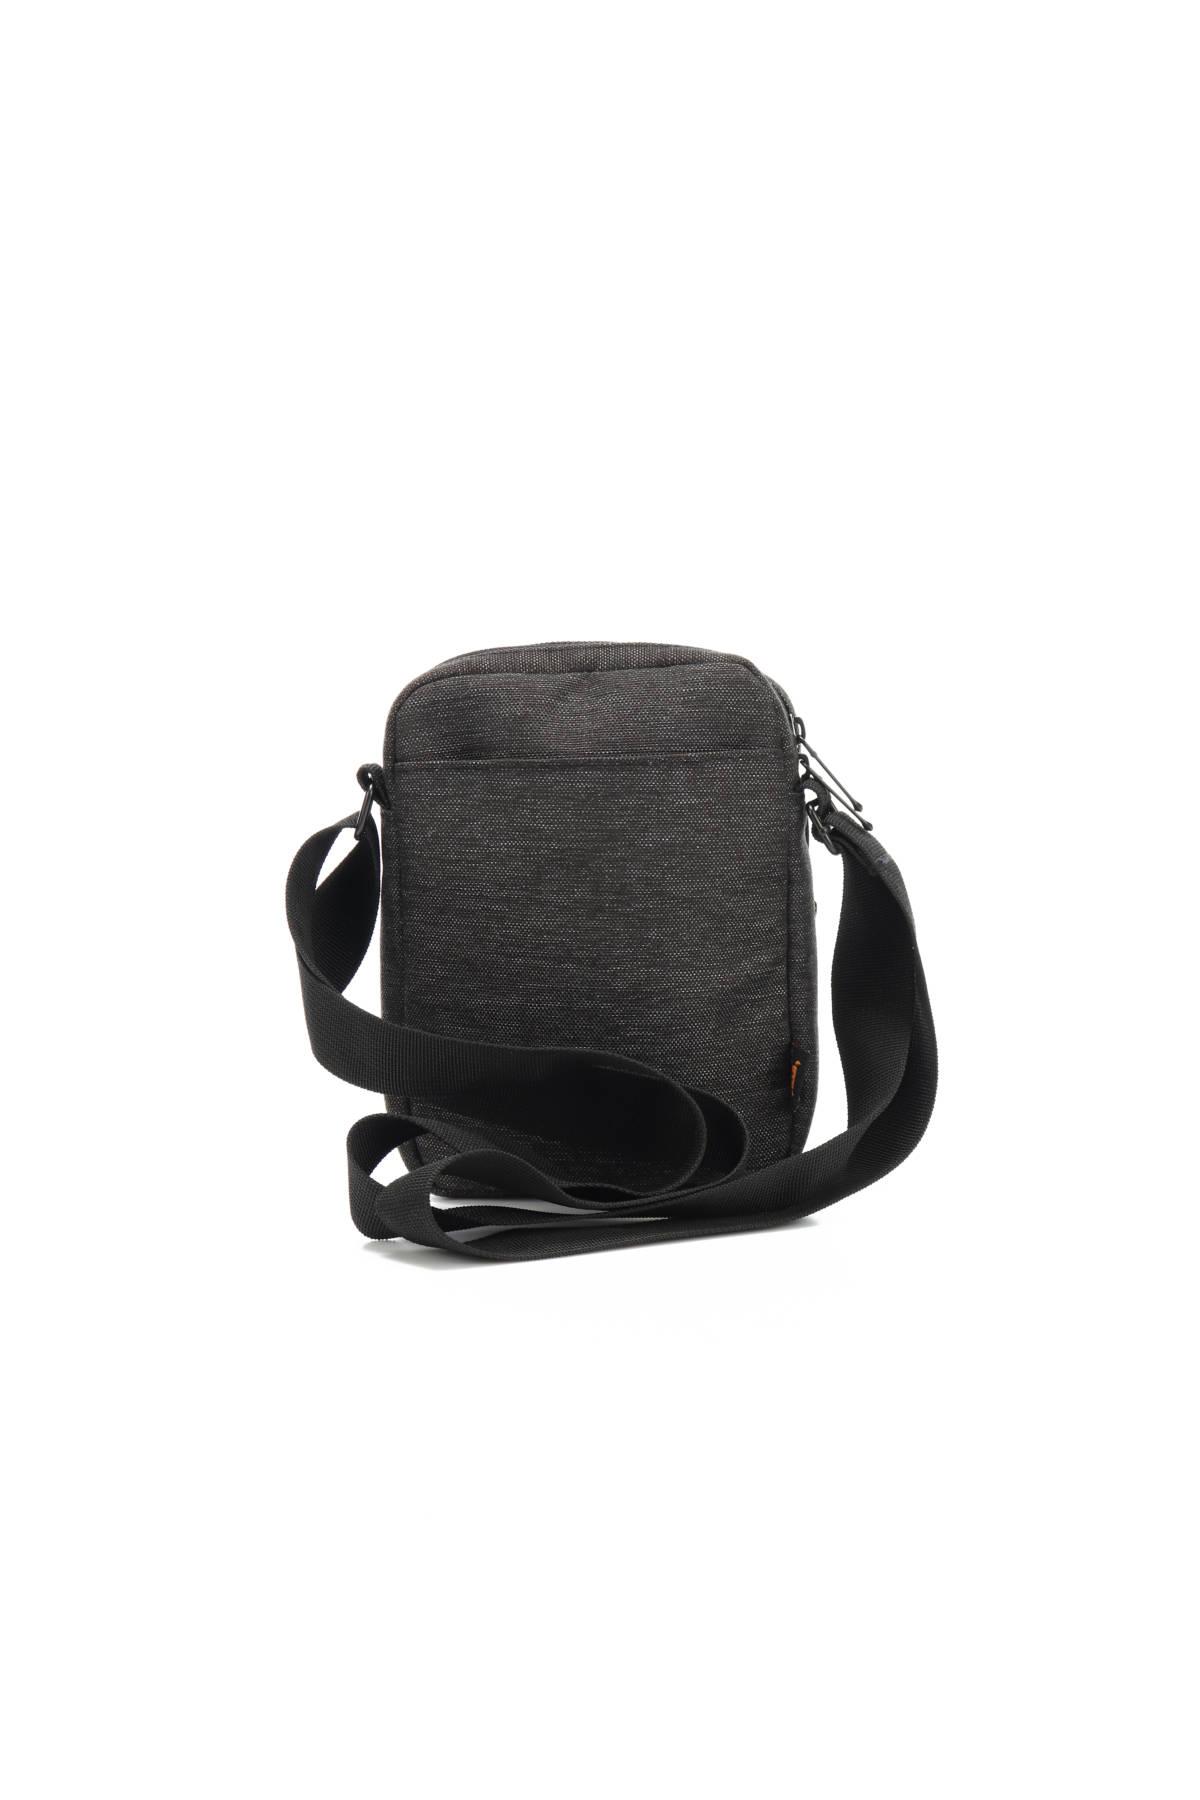 Чанта през рамо HALFAR2